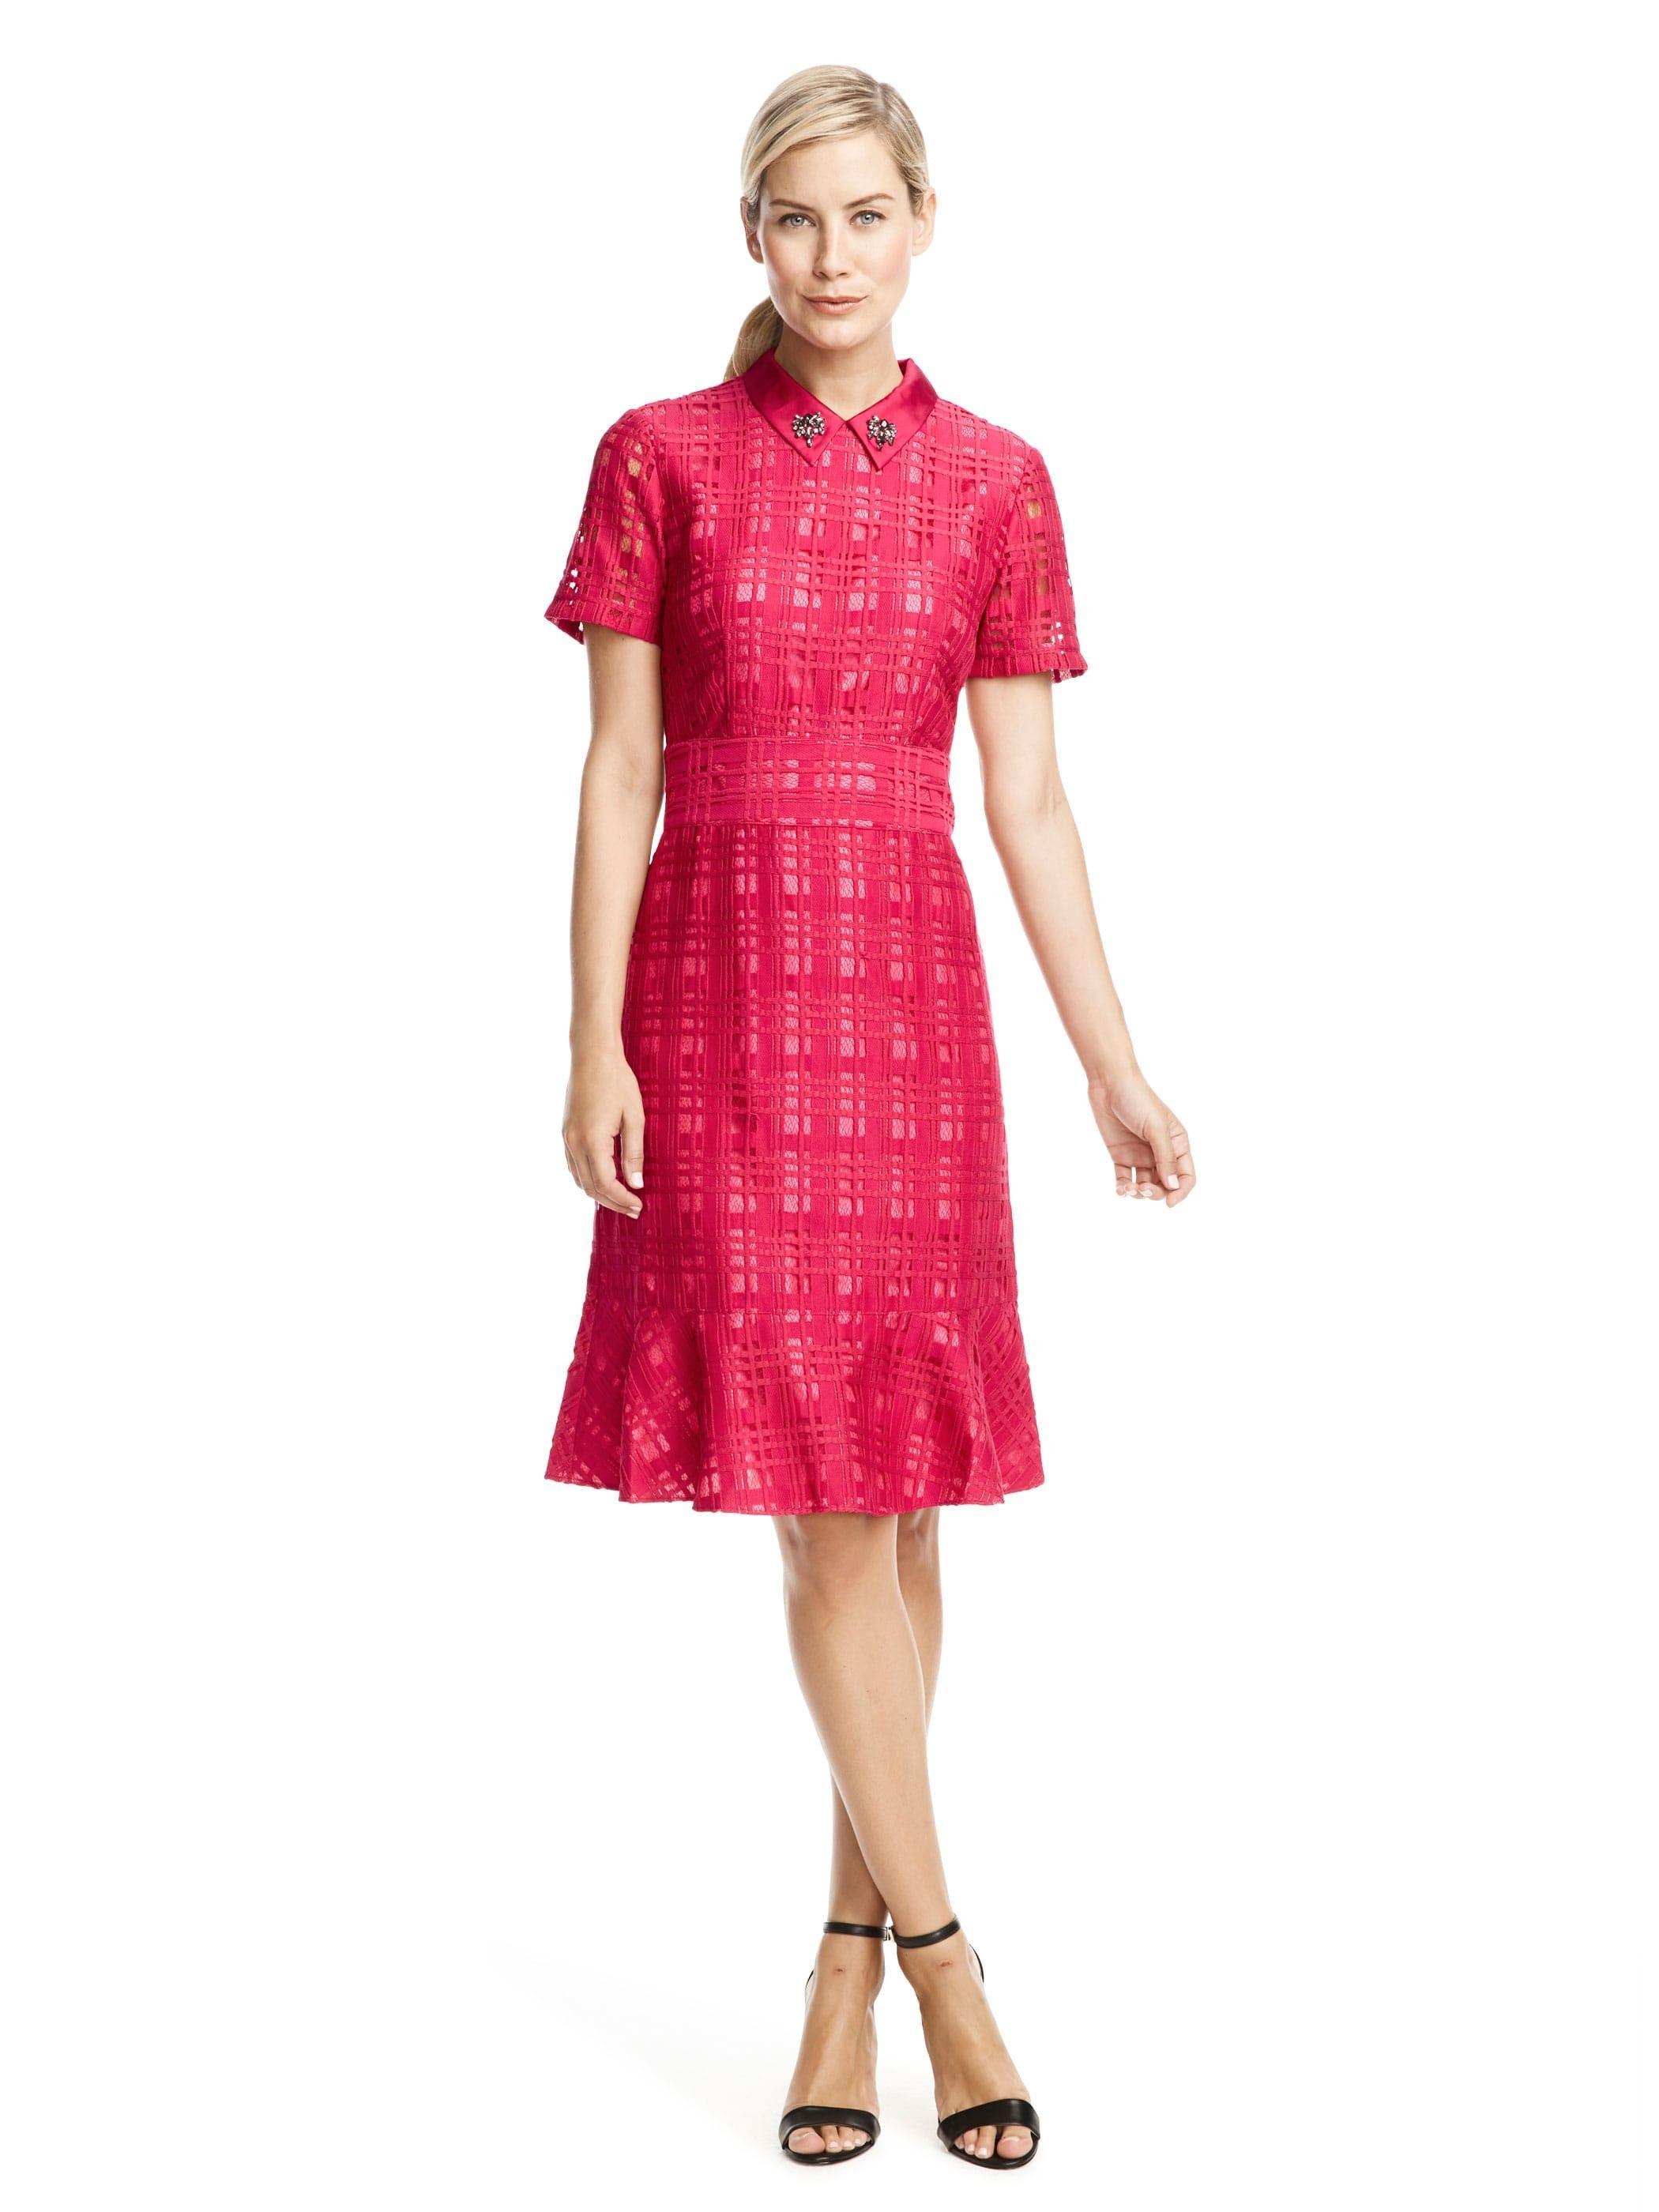 Cranberry Lace Dress | Draper James